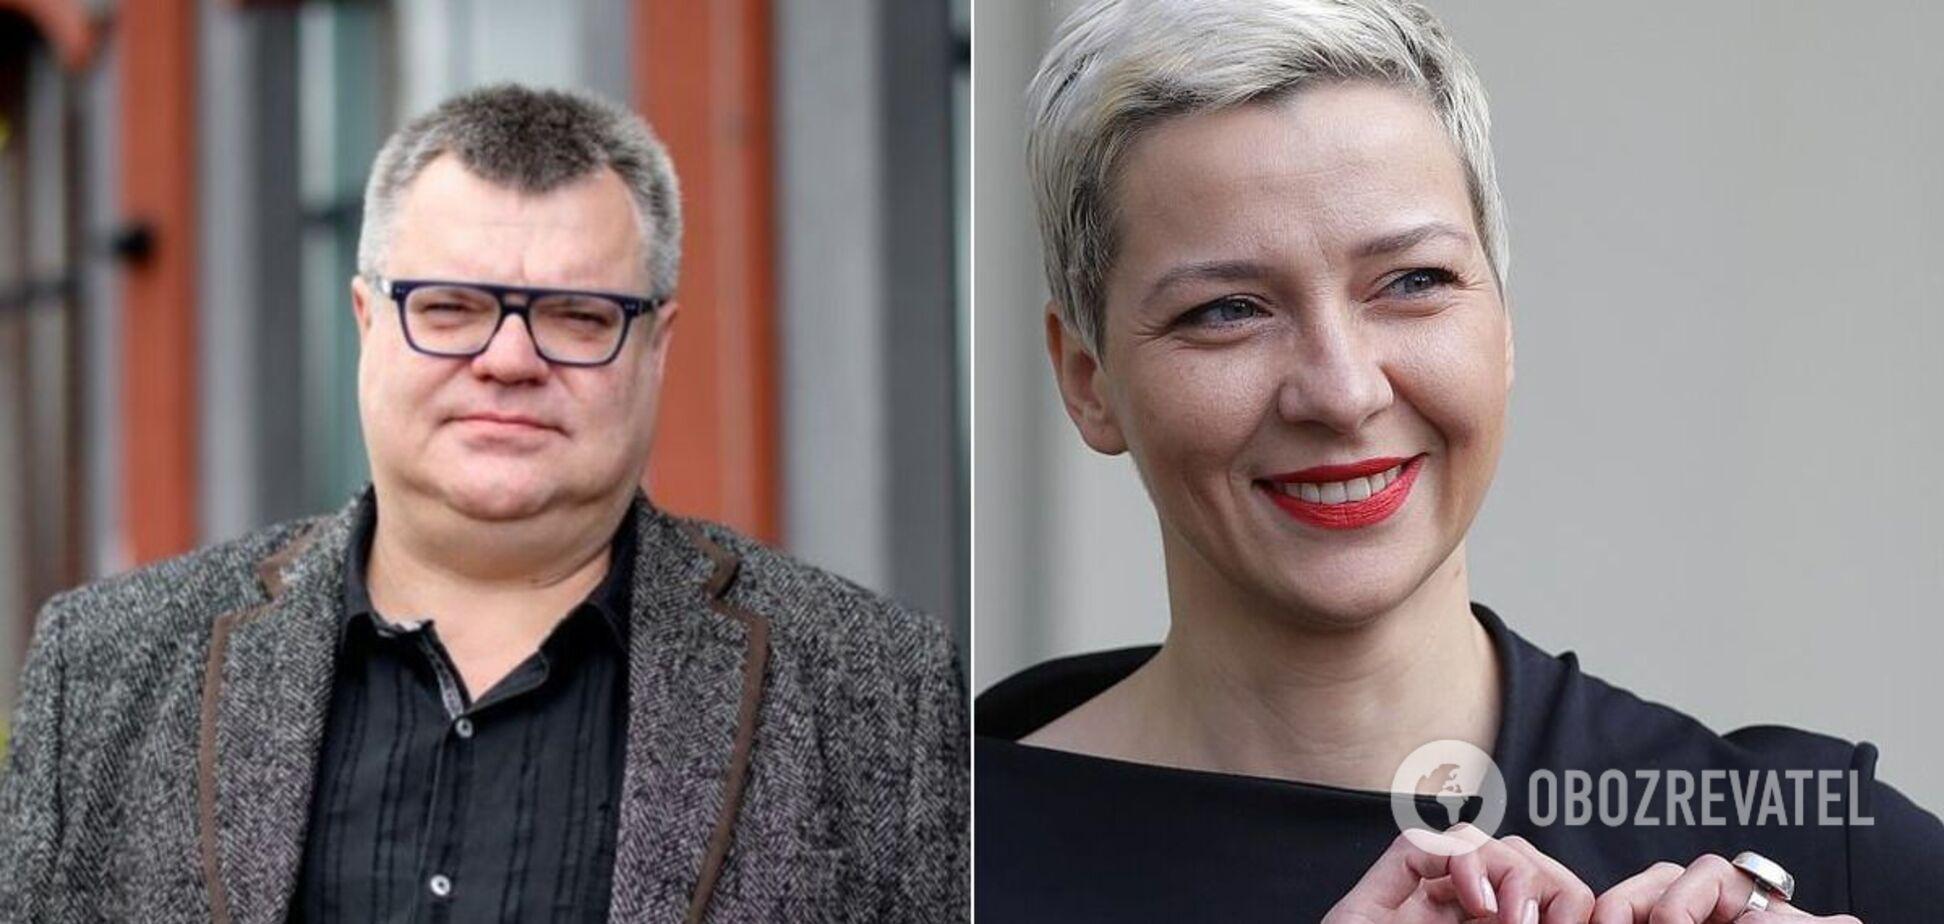 Виктор Бабарико и Мария Колесникова создали политическую партию 'Вместе'